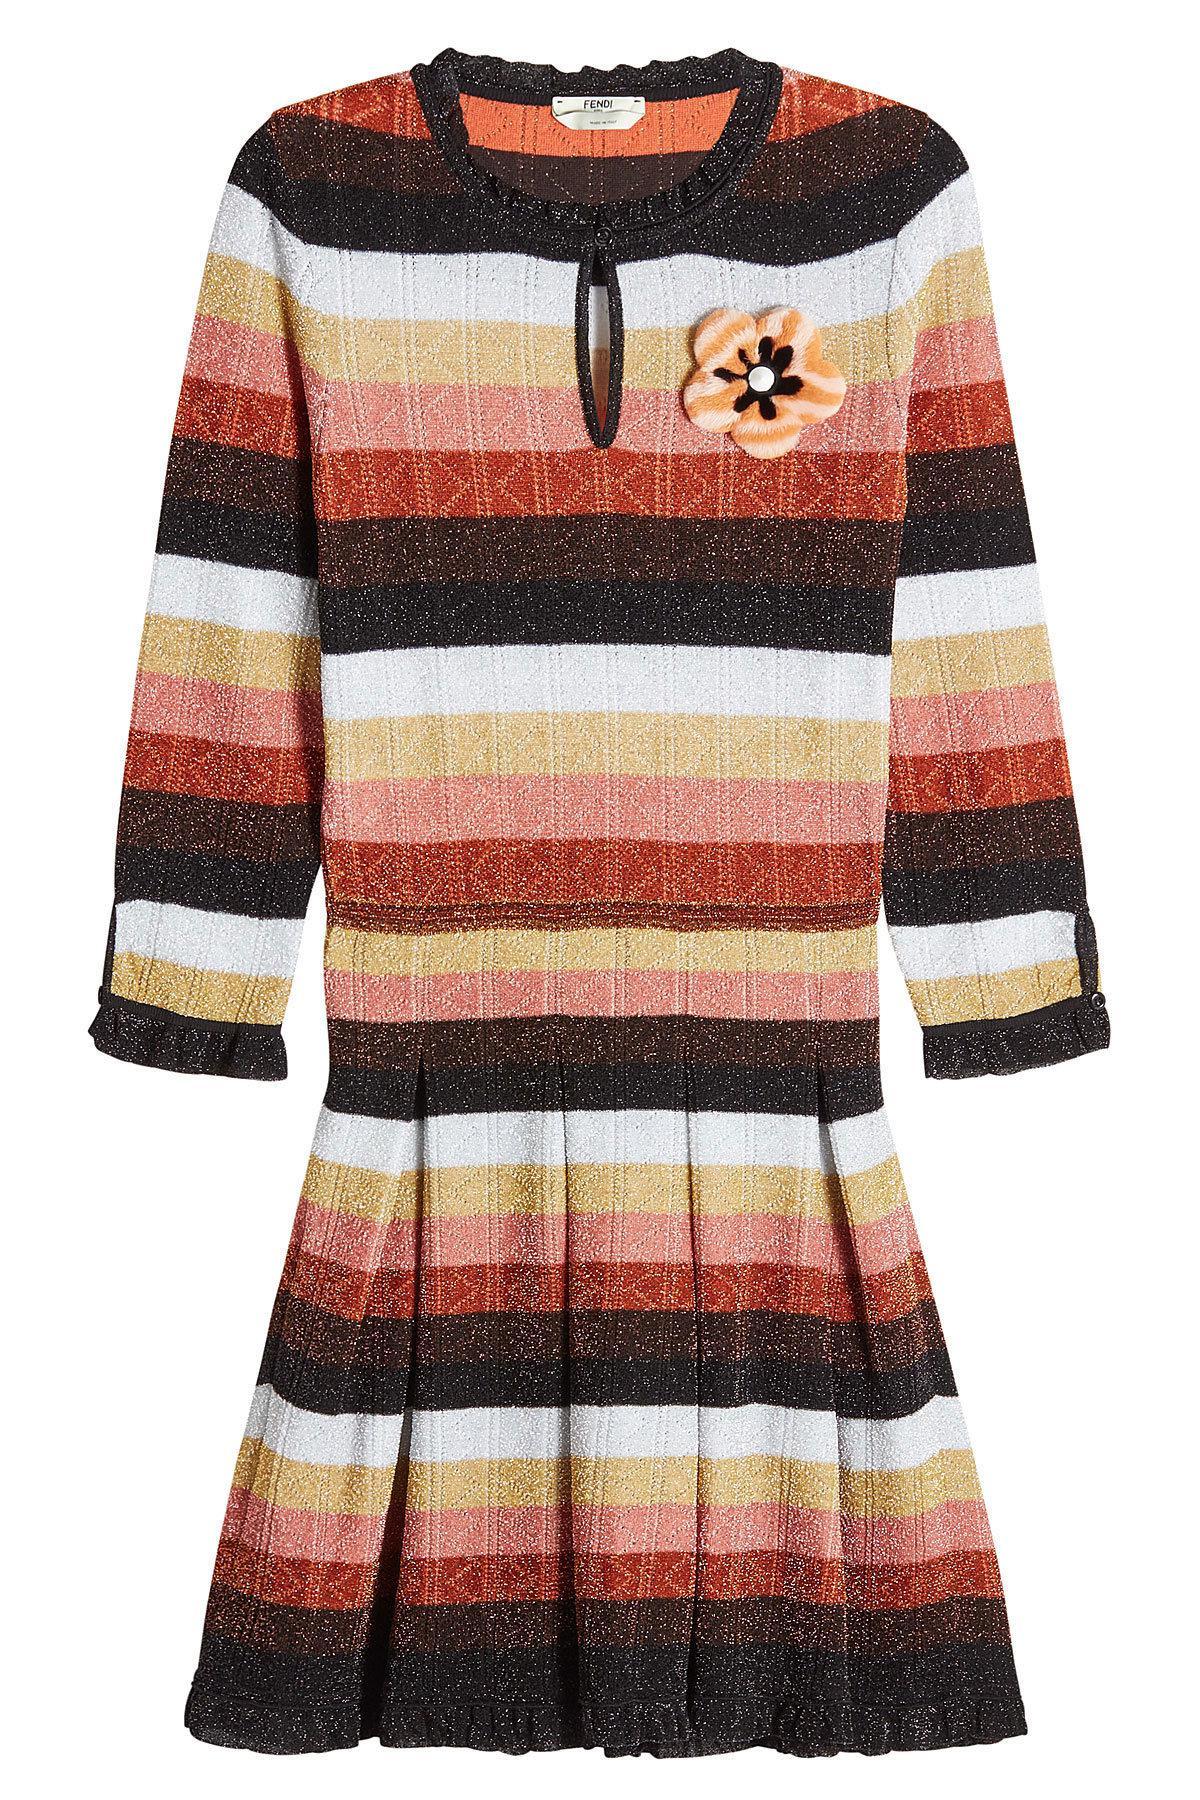 Fendi - Multicolor Robe en mélange de laine imprimée et ornement fourrure -  Lyst. Afficher en plein écran d07c3615db0